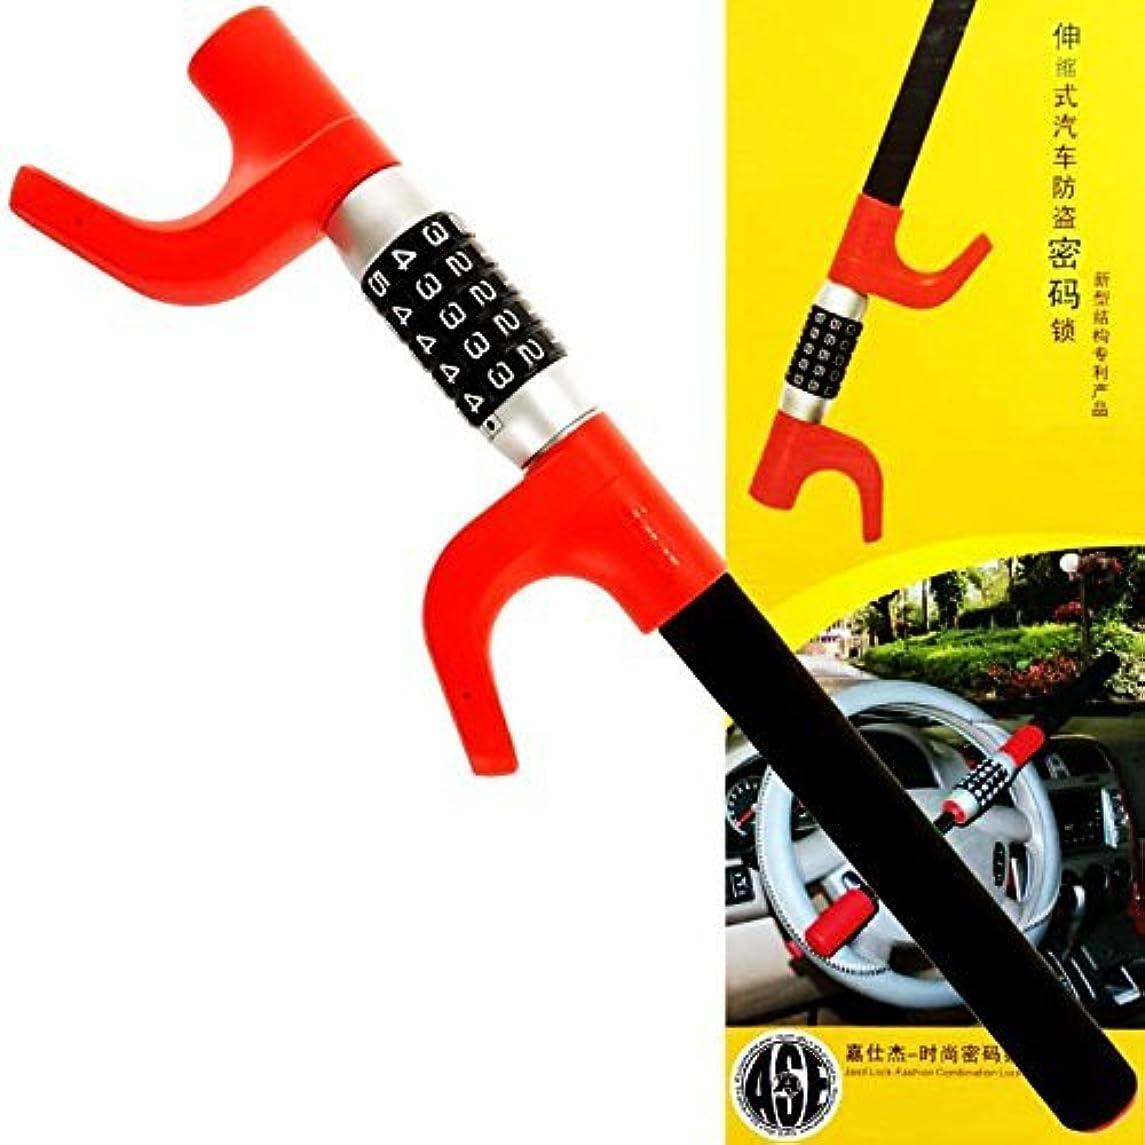 手段理論意図的車両盗難防止ダイヤルロック式ハンドルロック赤色 as1291